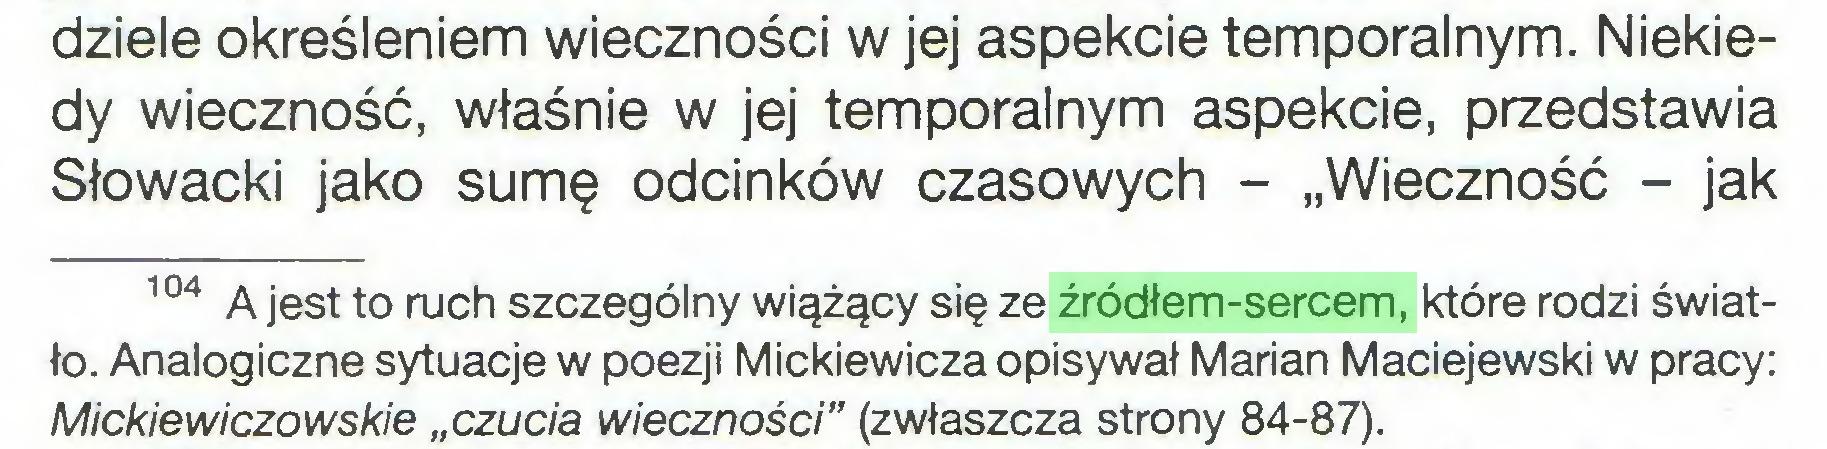 """(...) dziele określeniem wieczności w jej aspekcie temporalnym. Niekiedy wieczność, właśnie w jej temporalnym aspekcie, przedstawia Słowacki jako sumę odcinków czasowych - """"Wieczność - jak 104 A jest to ruch szczególny wiążący się ze źródłem-sercem, które rodzi światło. Analogiczne sytuacje w poezji Mickiewicza opisywał Marian Maciejewski w pracy: Mickiewiczowskie """"czucia wieczności"""" (zwłaszcza strony 84-87)..."""